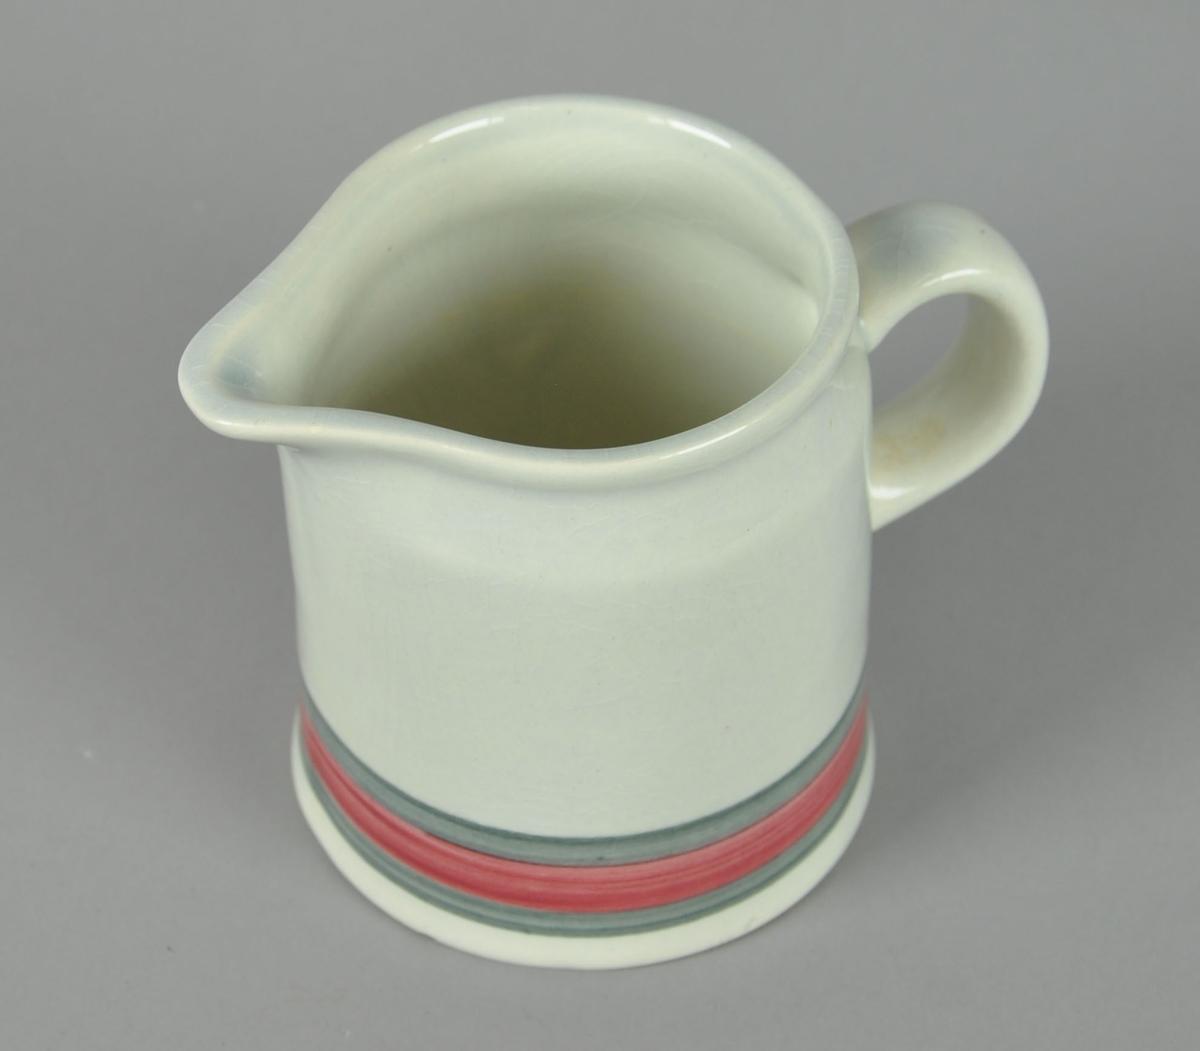 Fløtemugge av glassert keramikk. Har helletut og hank. Påmalte striper ved bunn, i grå og røde farger.